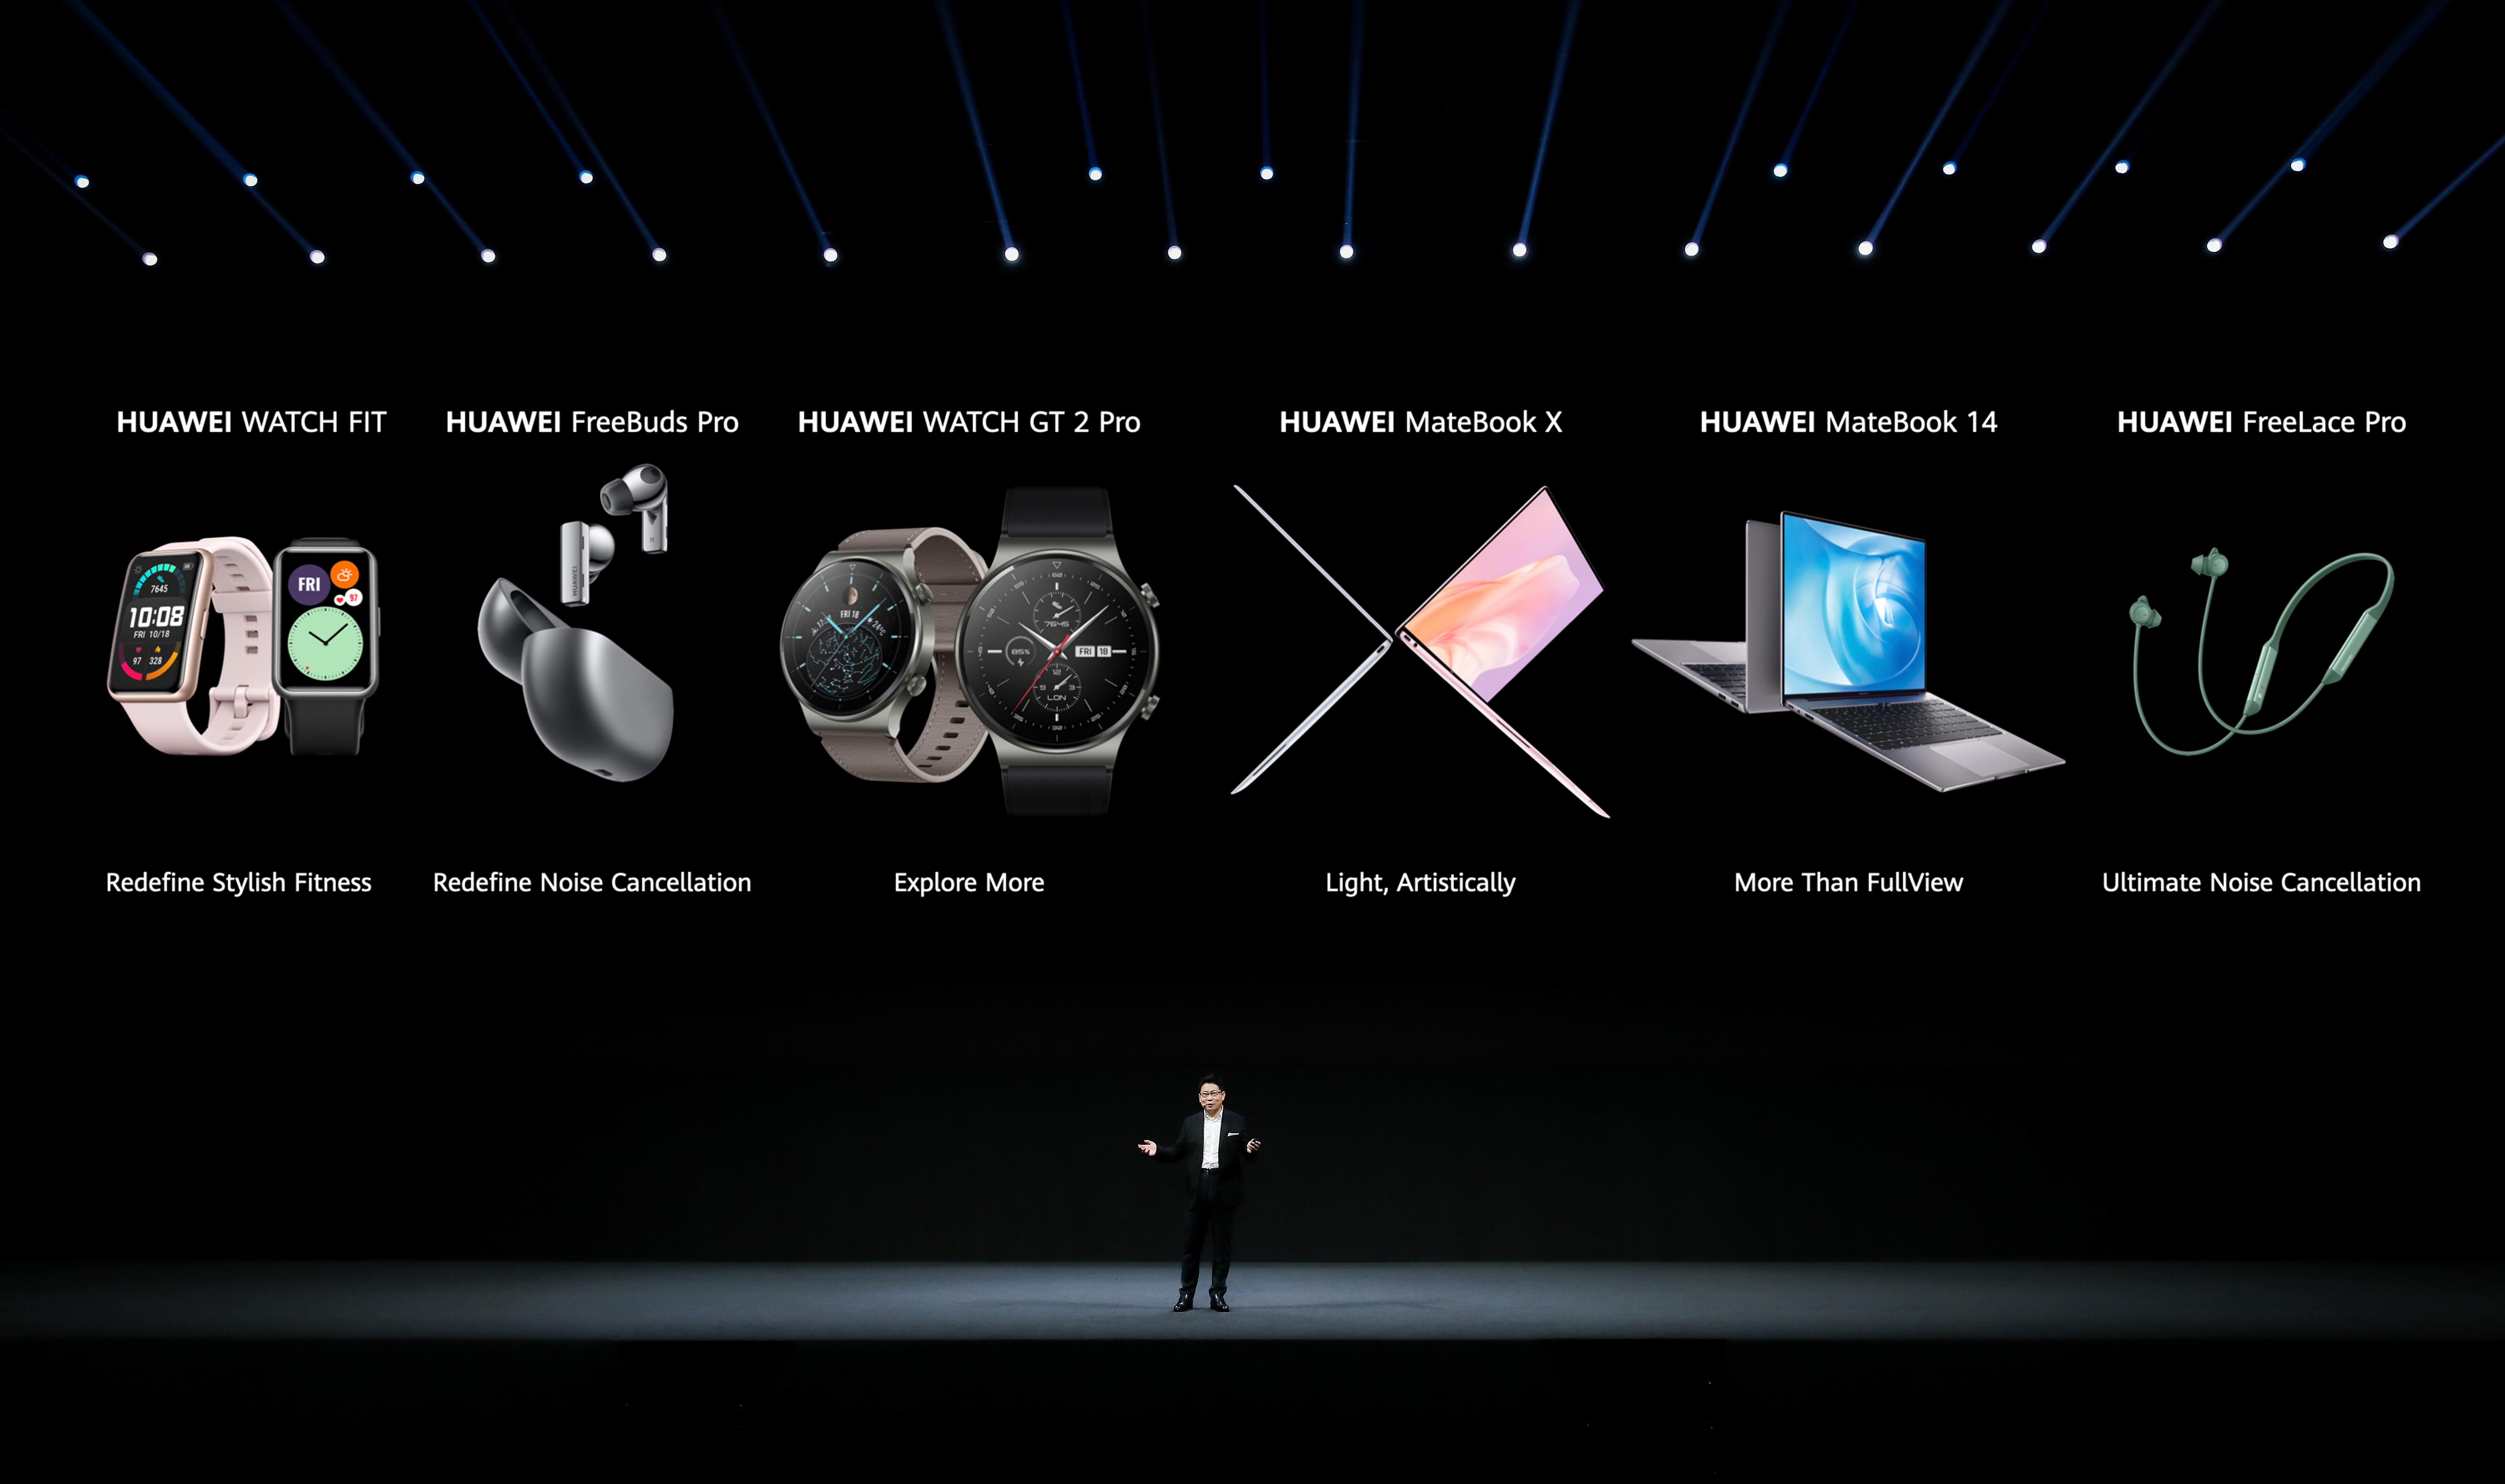 華為全場景新品全球發佈 六款產品創新不斷 款款體驗深入人心